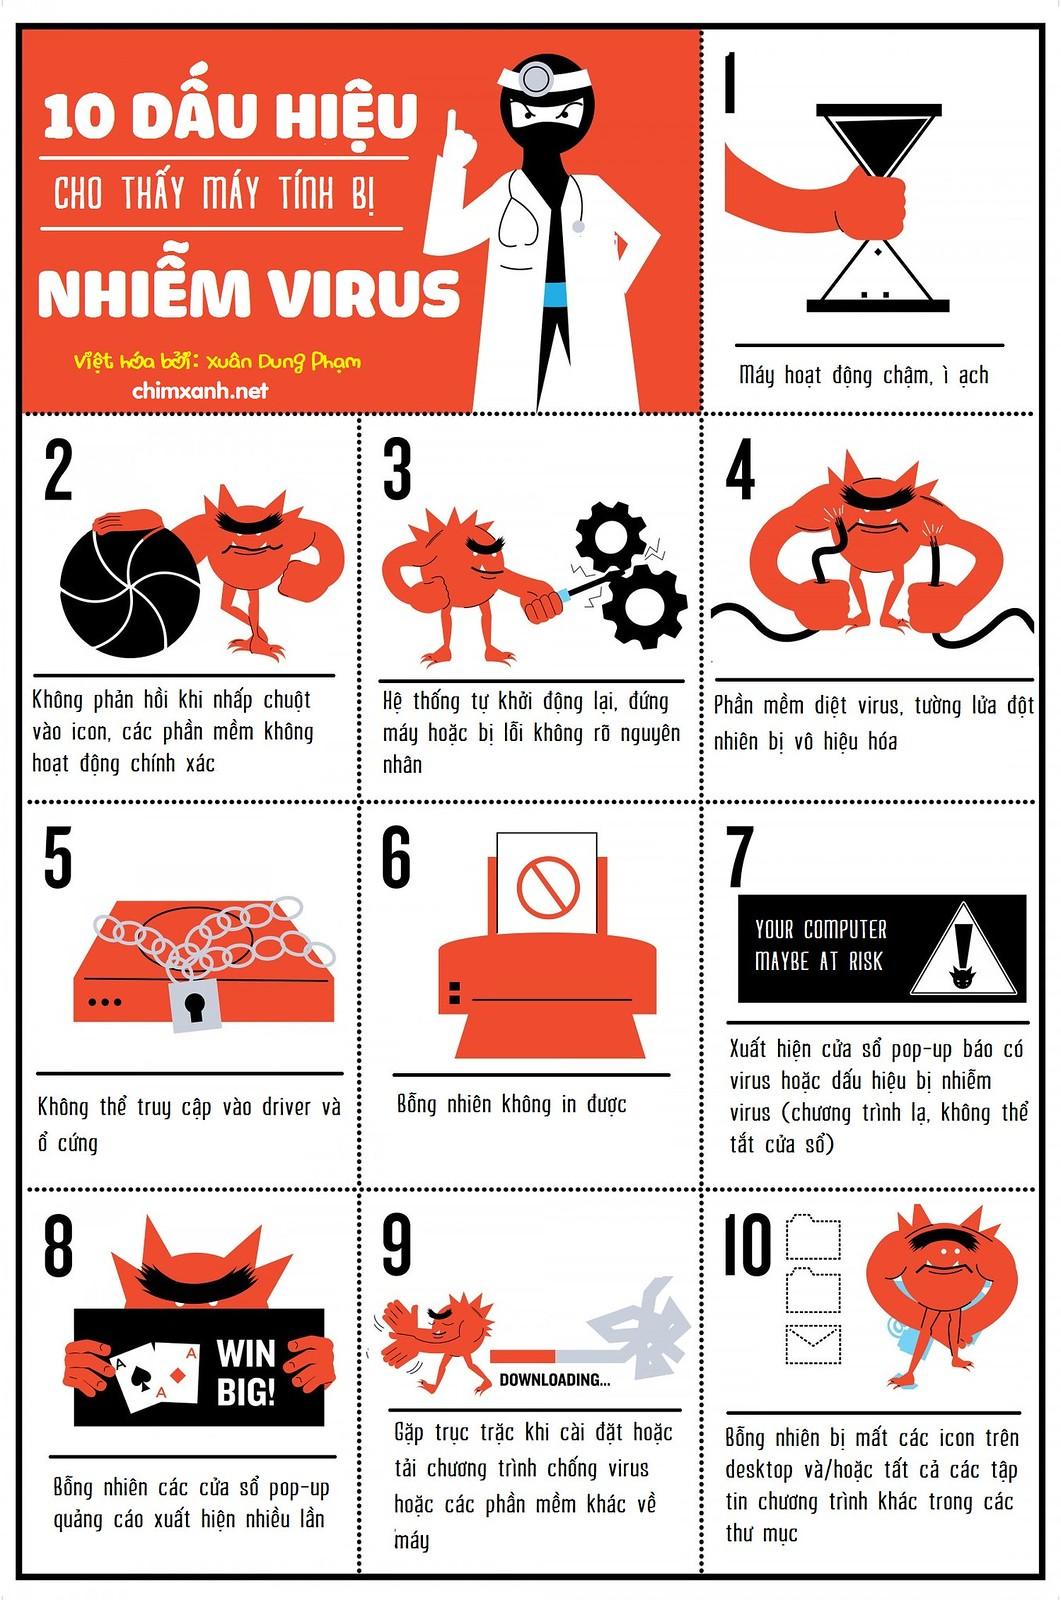 10 dấu hiệu máy tính nhiễm virus